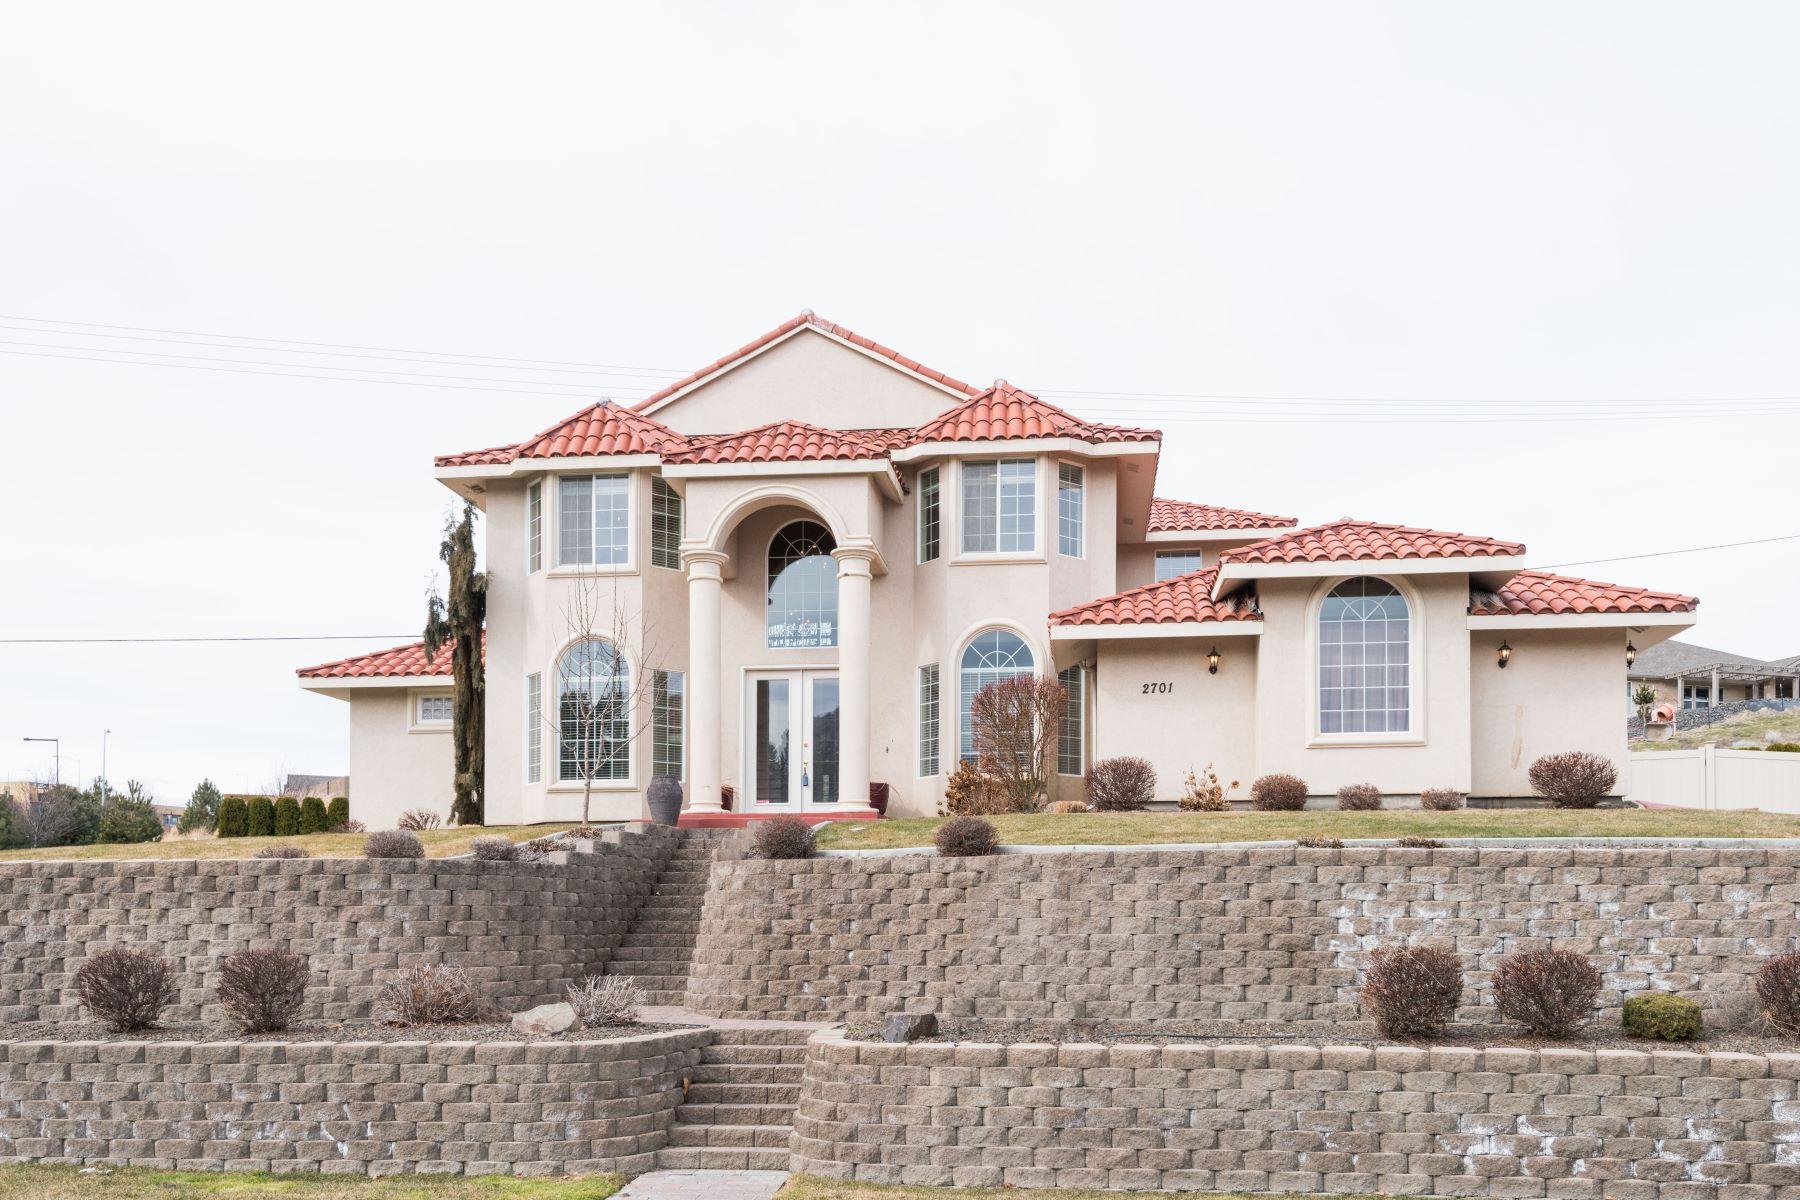 Частный односемейный дом для того Продажа на Elegant Home with RV Parking 2701 W. Canyon Lakes Dr Kennewick, Вашингтон 99337 Соединенные Штаты